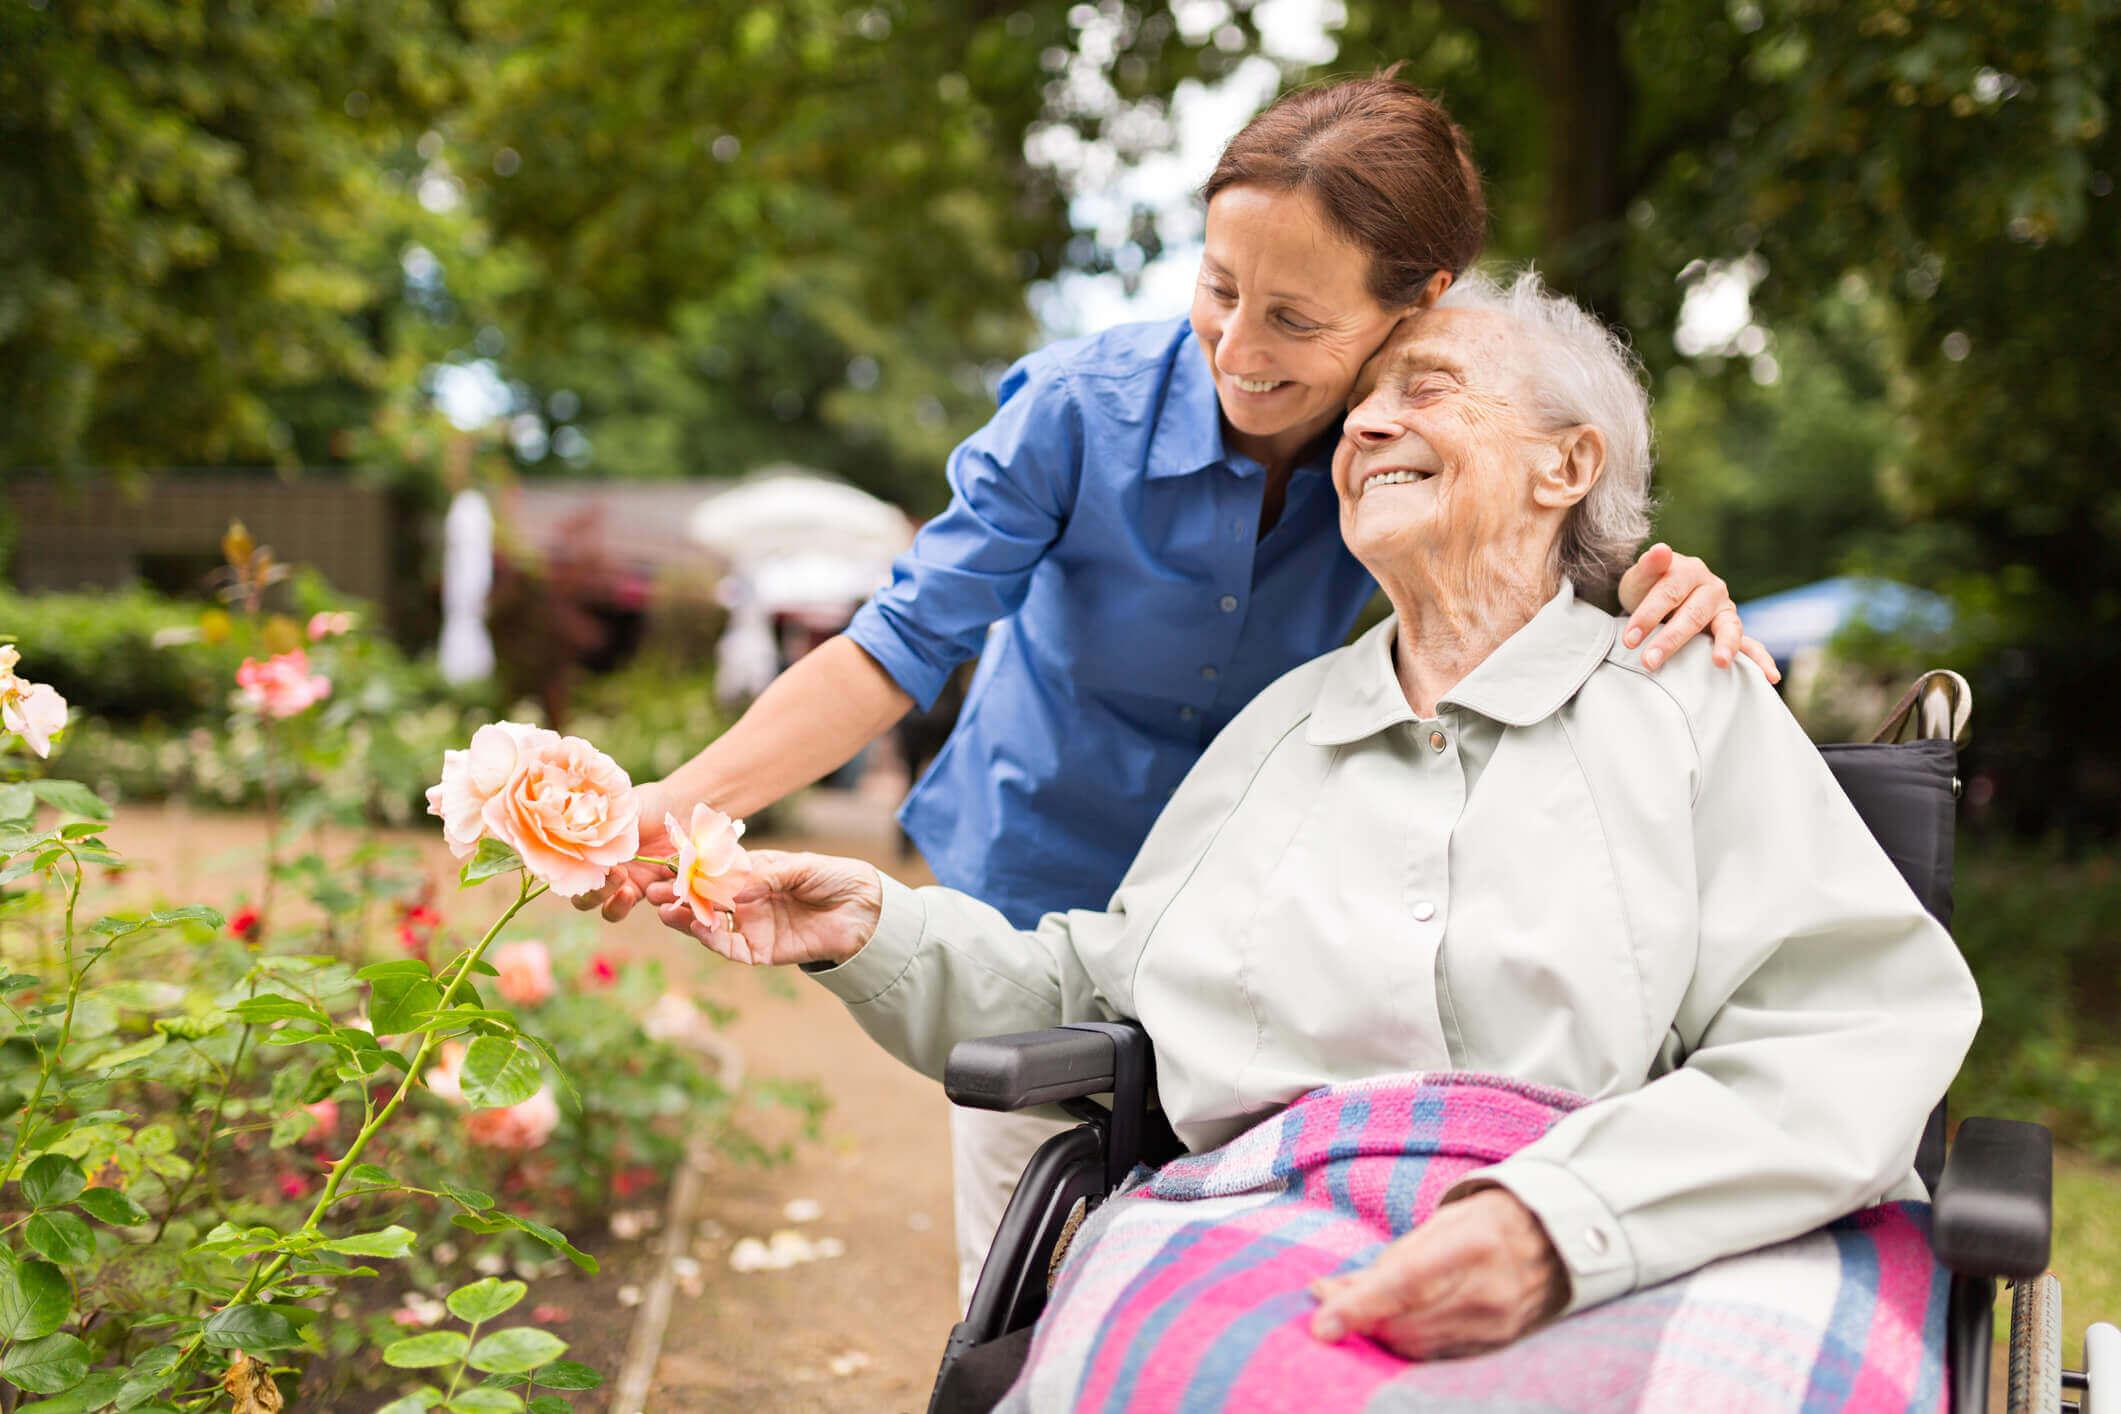 career advice, industry growth, Australia, healthcare, social assistance